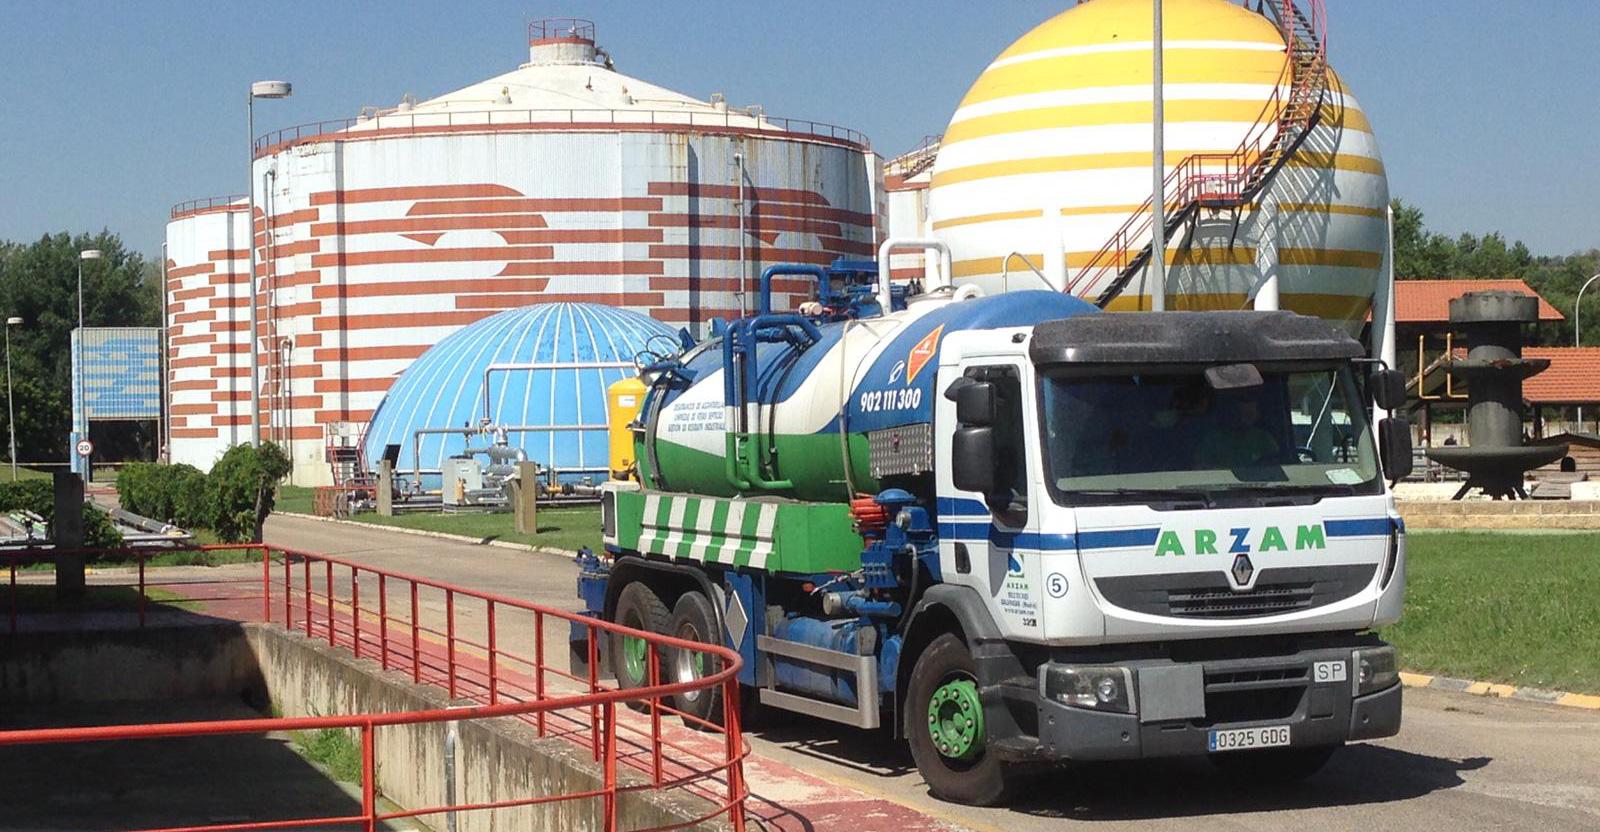 transporte y gestión de residuos Madrid Avila Segovia ARZAM